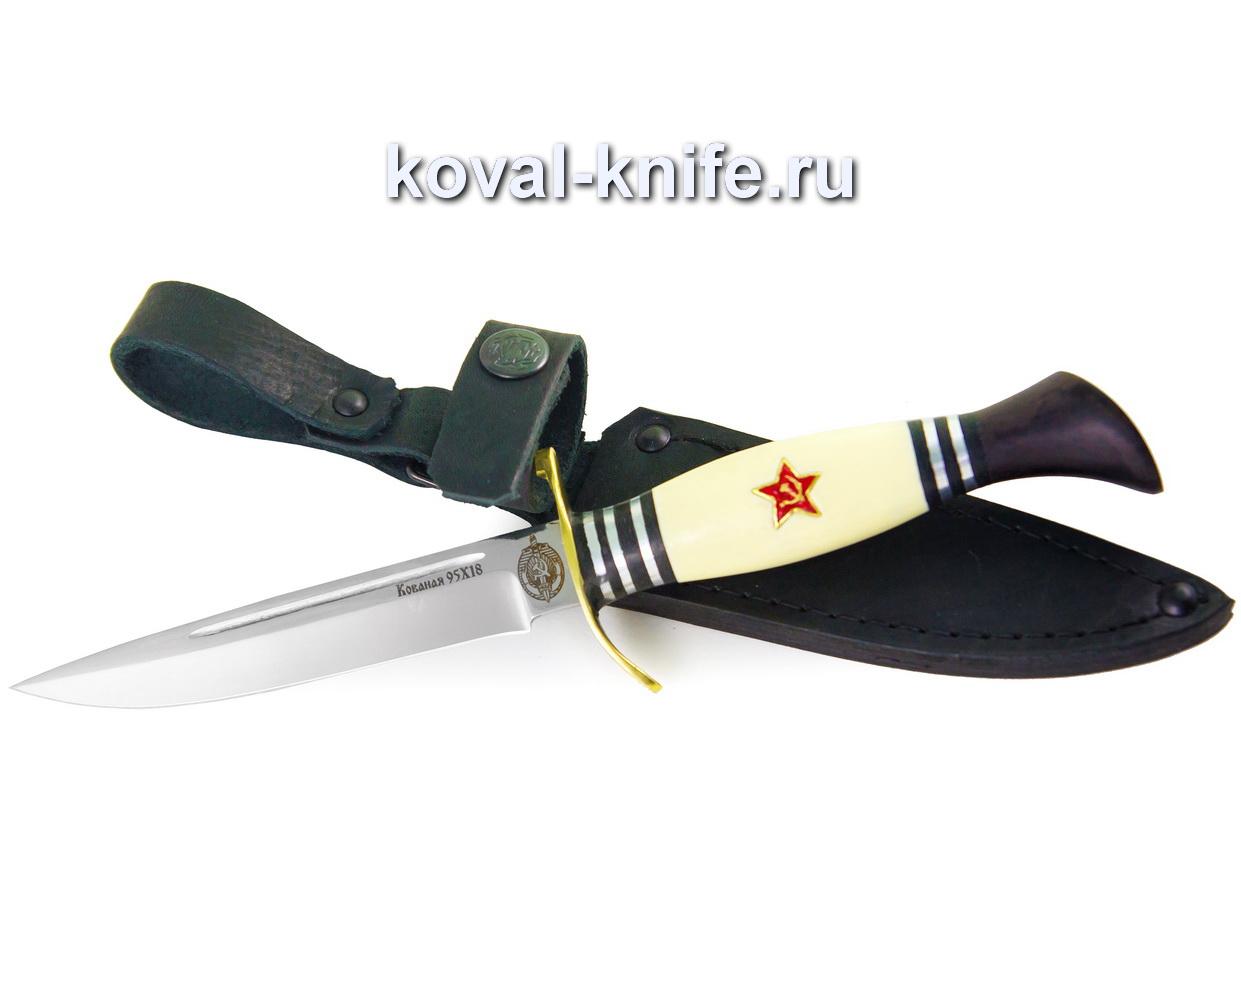 Нож Финка НКВД со звездой из кованой стали 95х18 A383